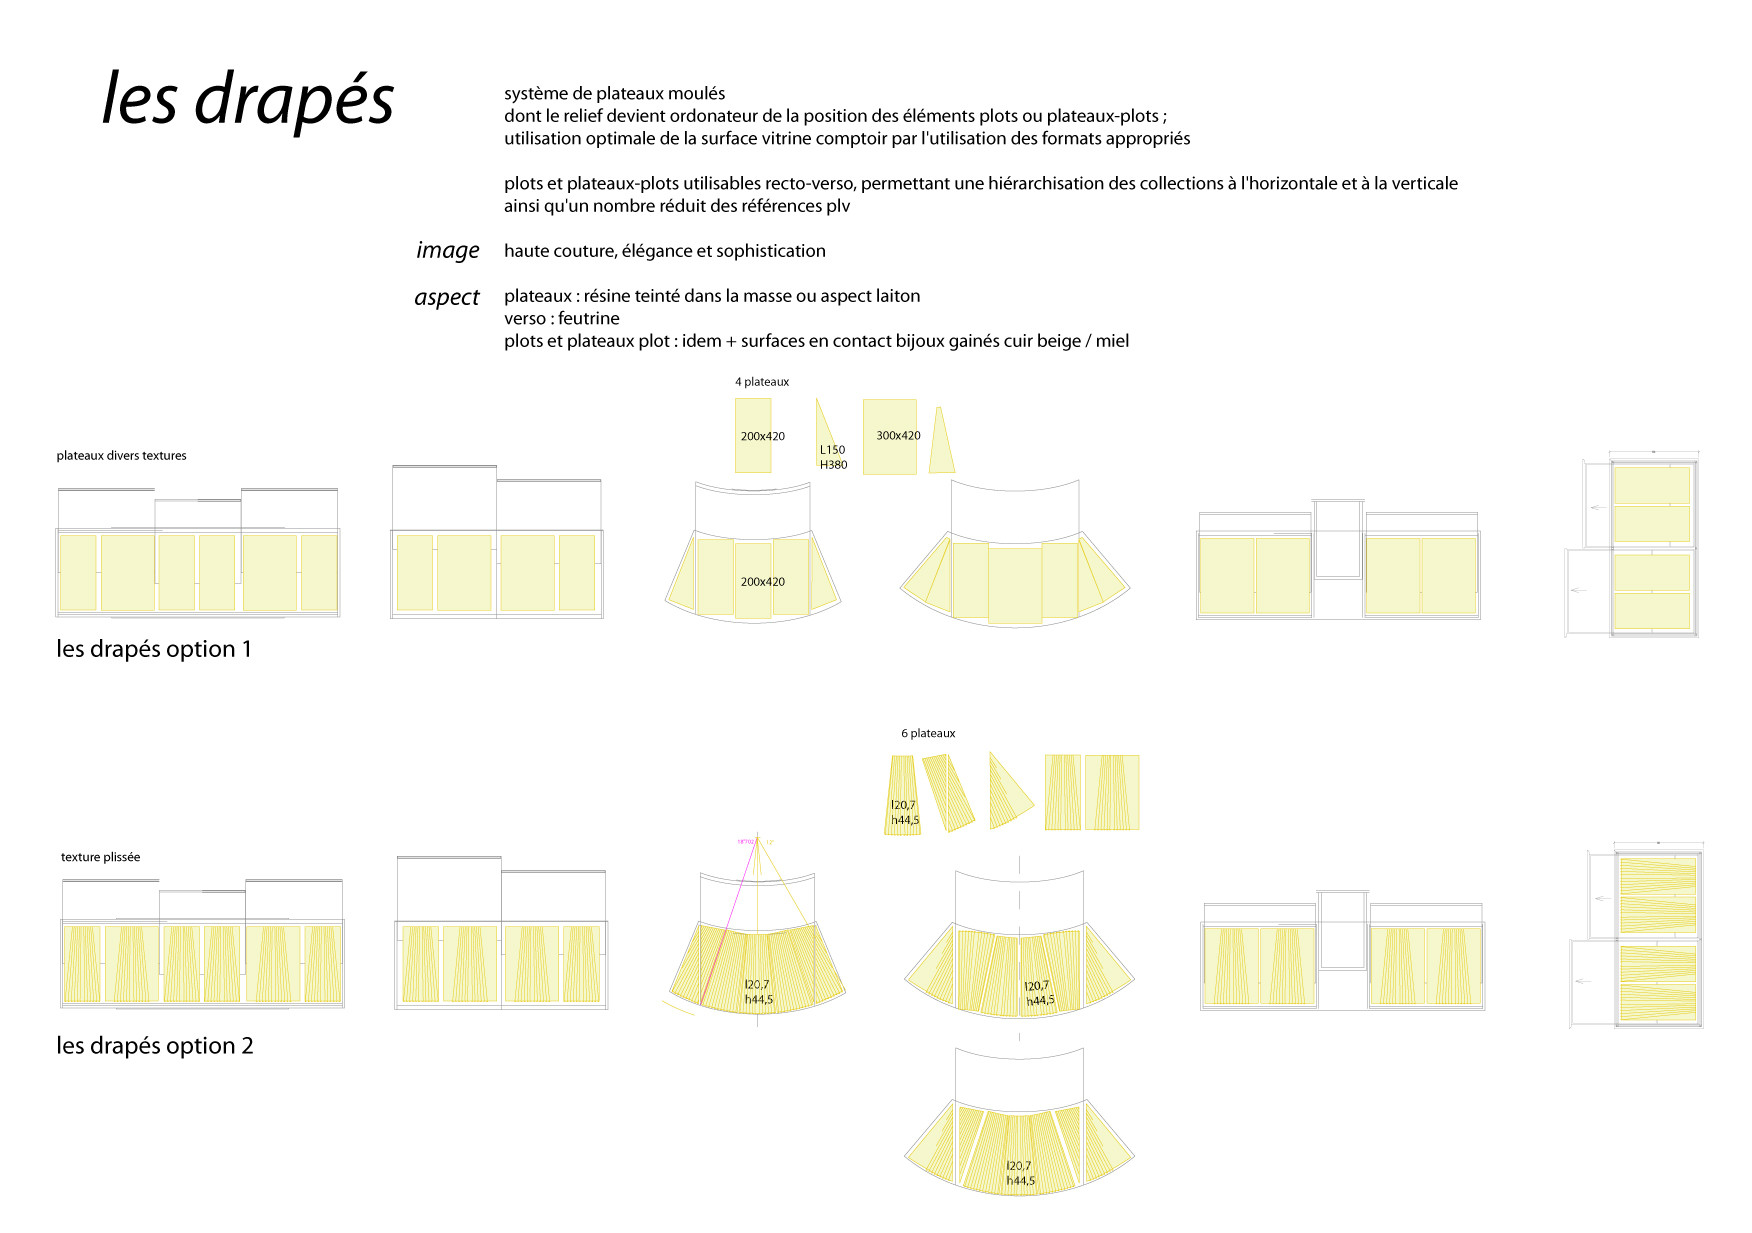 PLV boutique Cartier, de l'étude au prototype / optimisation de nombre de références PLV, fonctionnalités de présentation contenues dans des formes symboliques